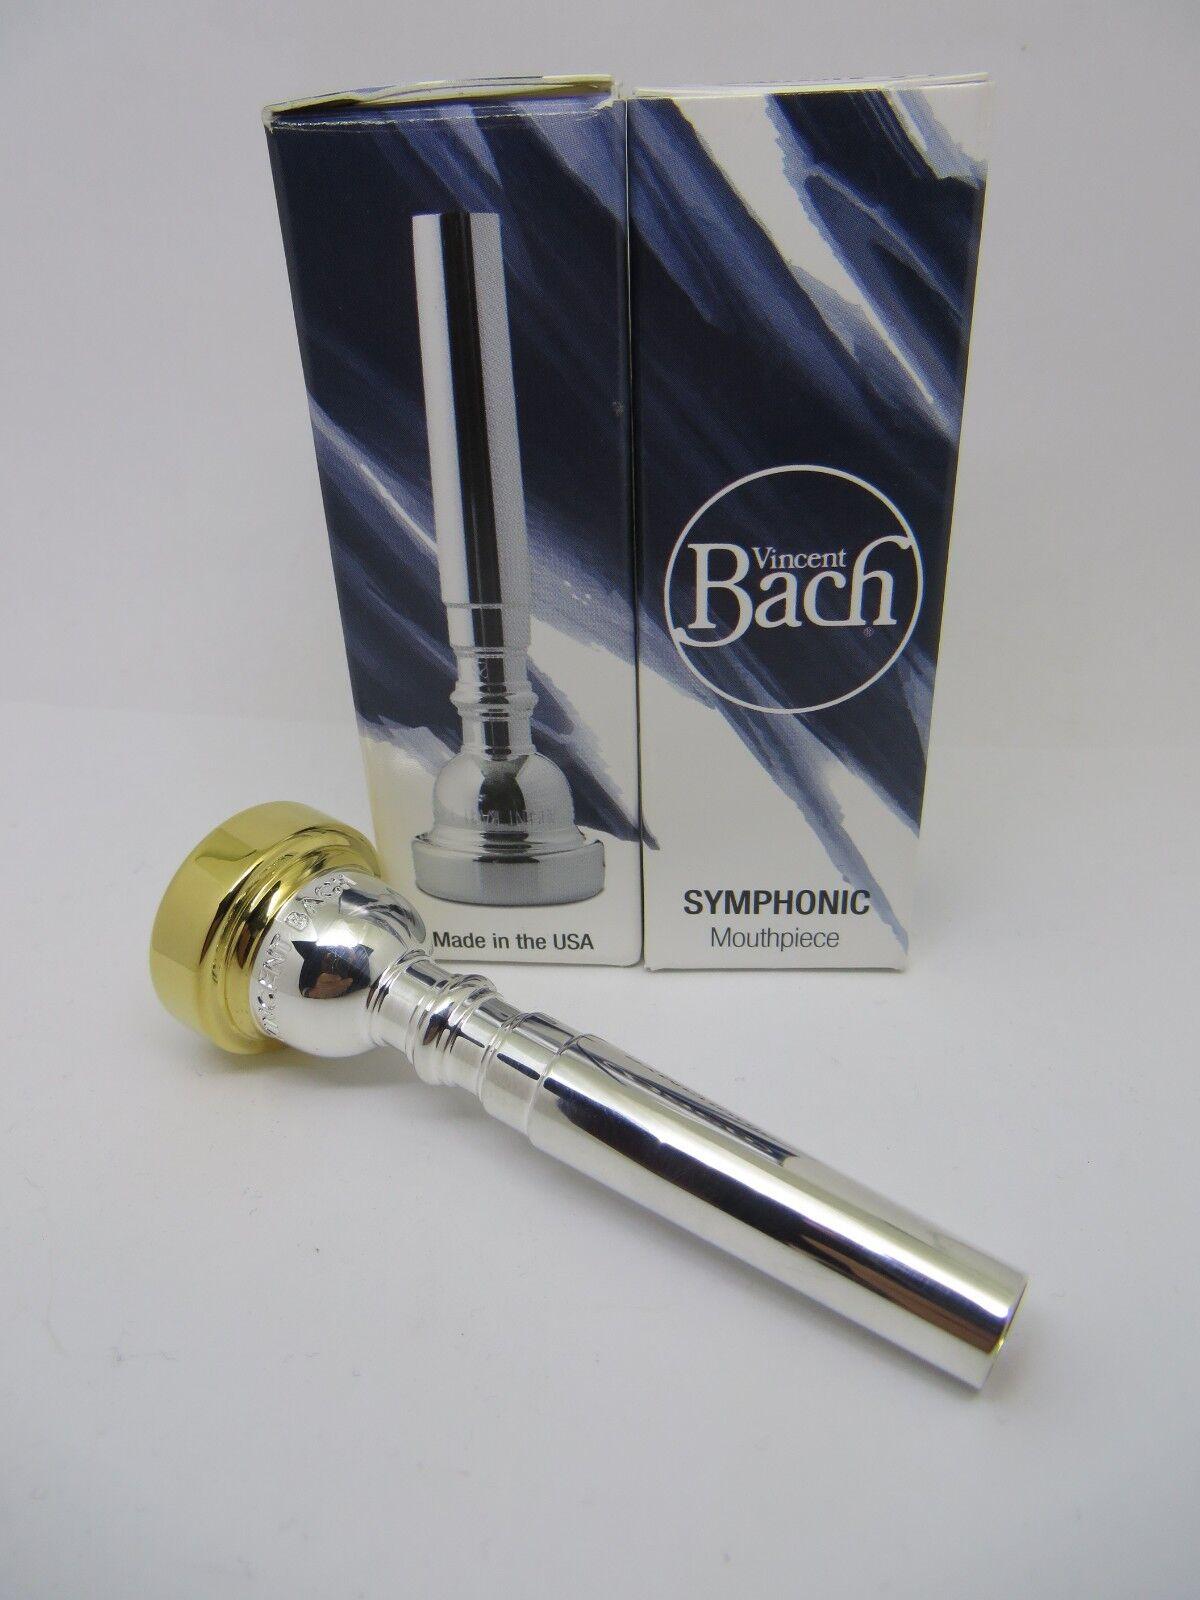 Bach 24K Borde De De De oro & Taza Sinfónica Trompeta Boquilla Garganta, 1C, 24, 24 backbore 92508e